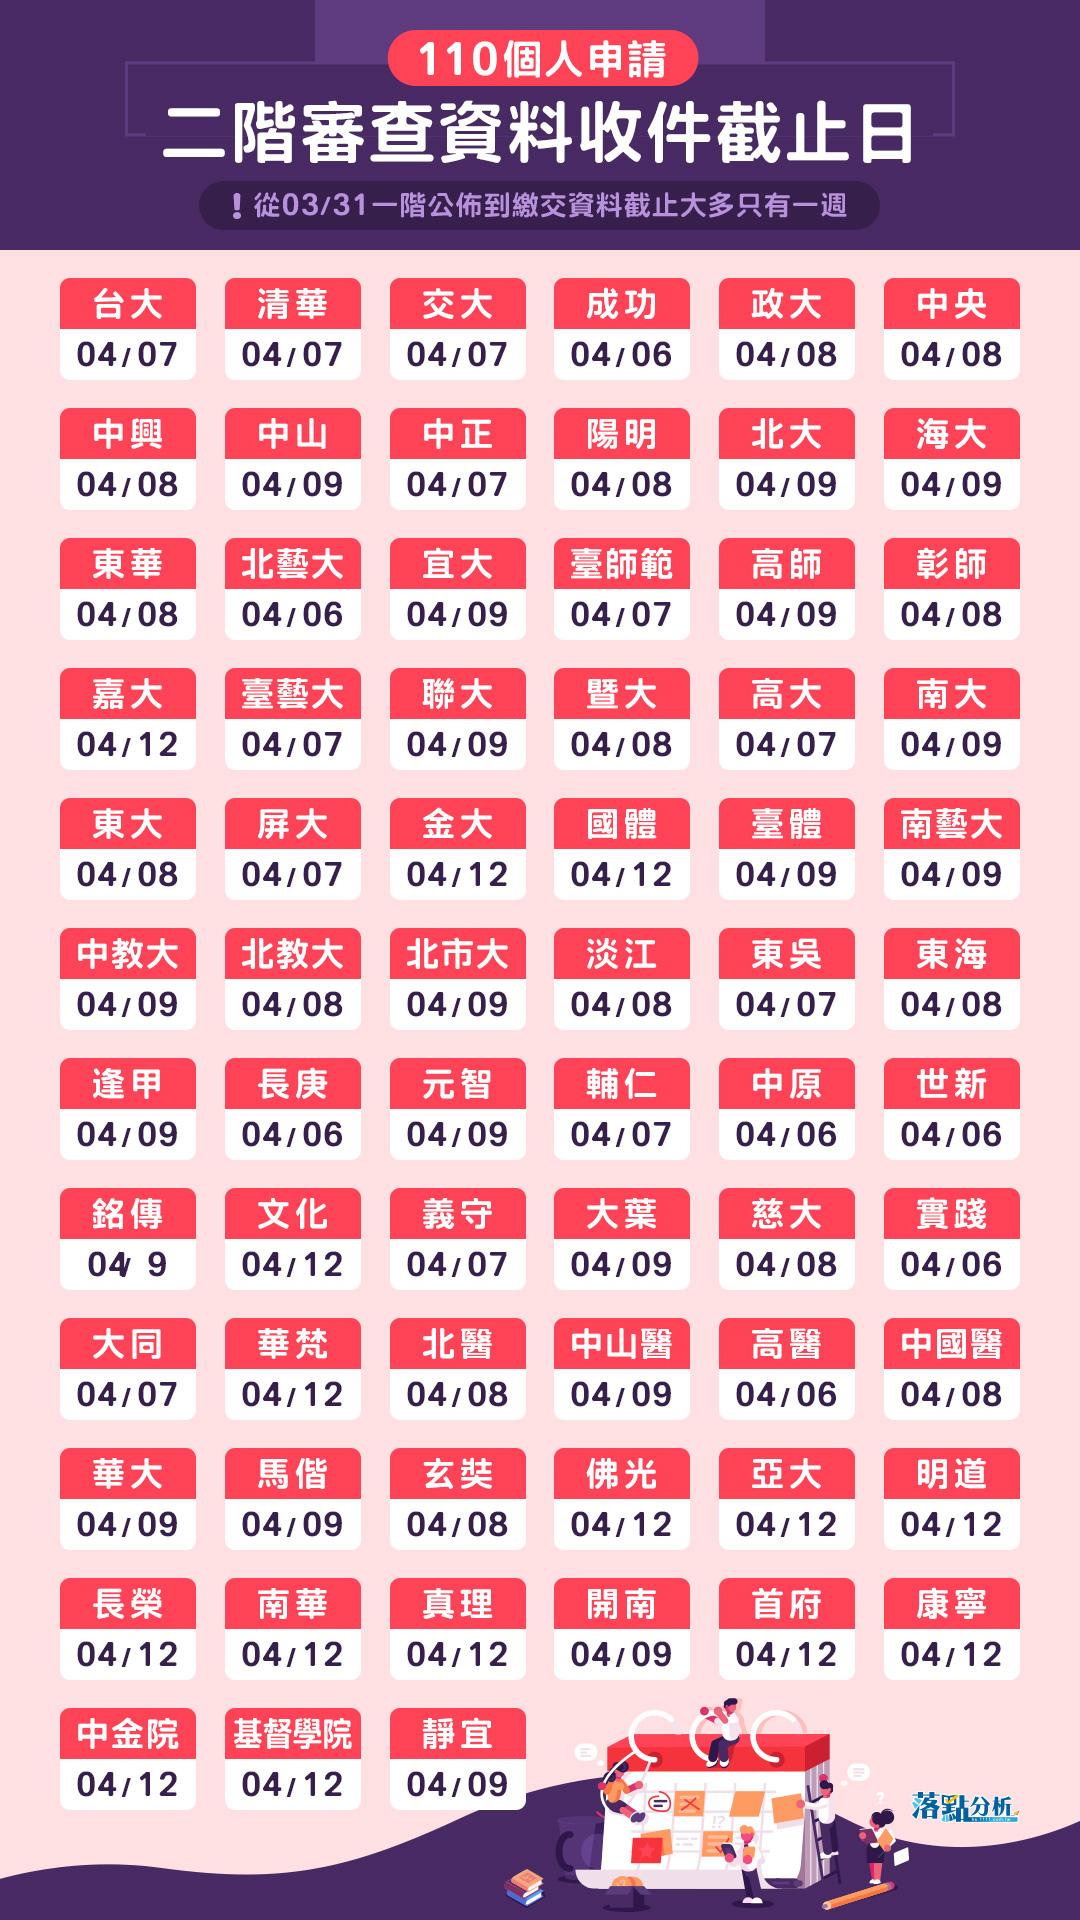 1111【落點分析教戰守策】講座 2/22-25直播預告-110學測